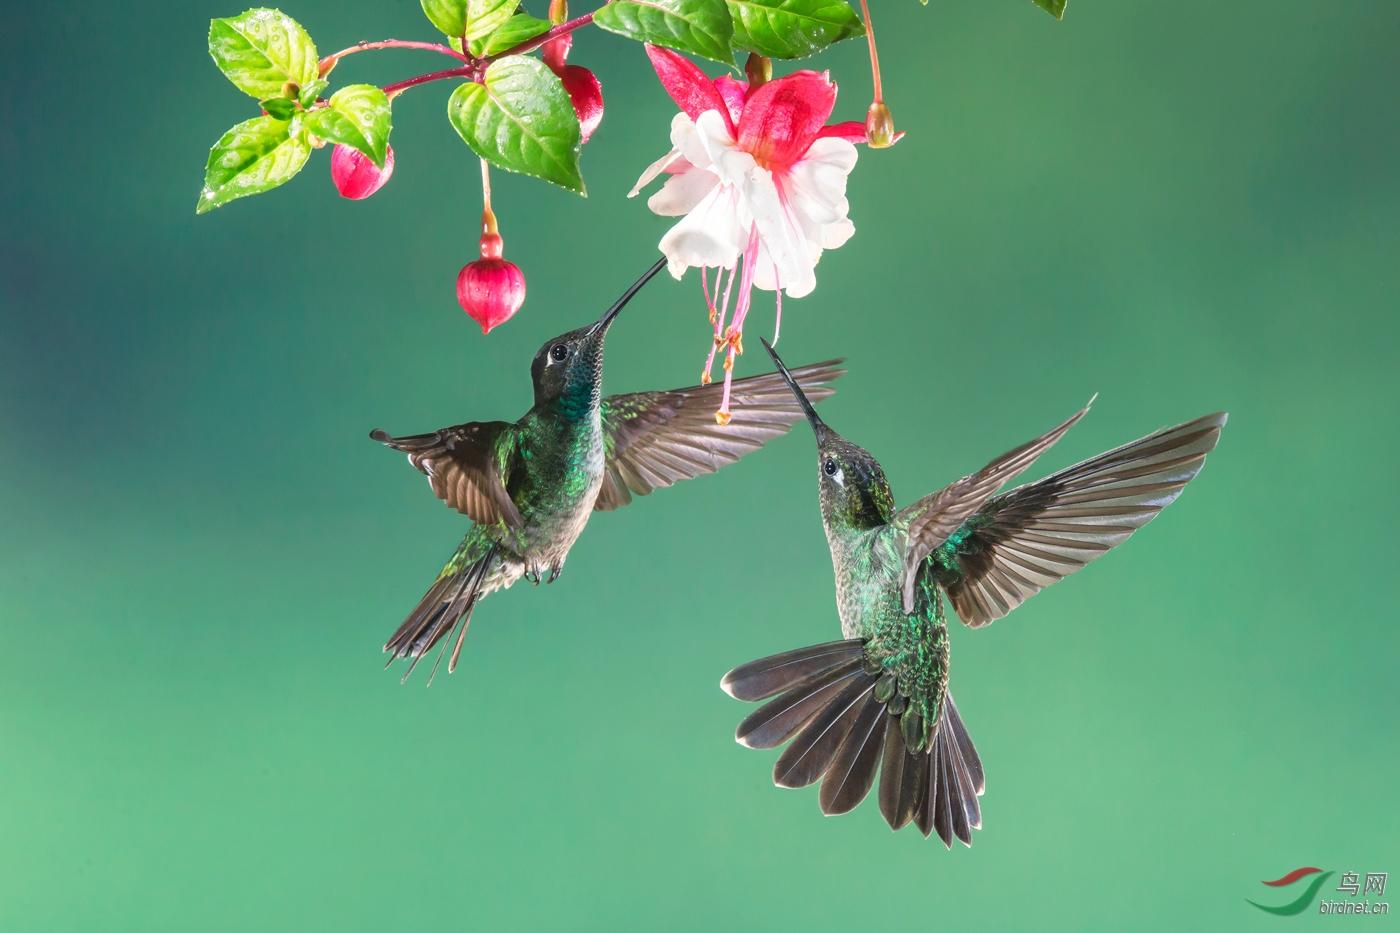 鸟舞翩跹.jpg